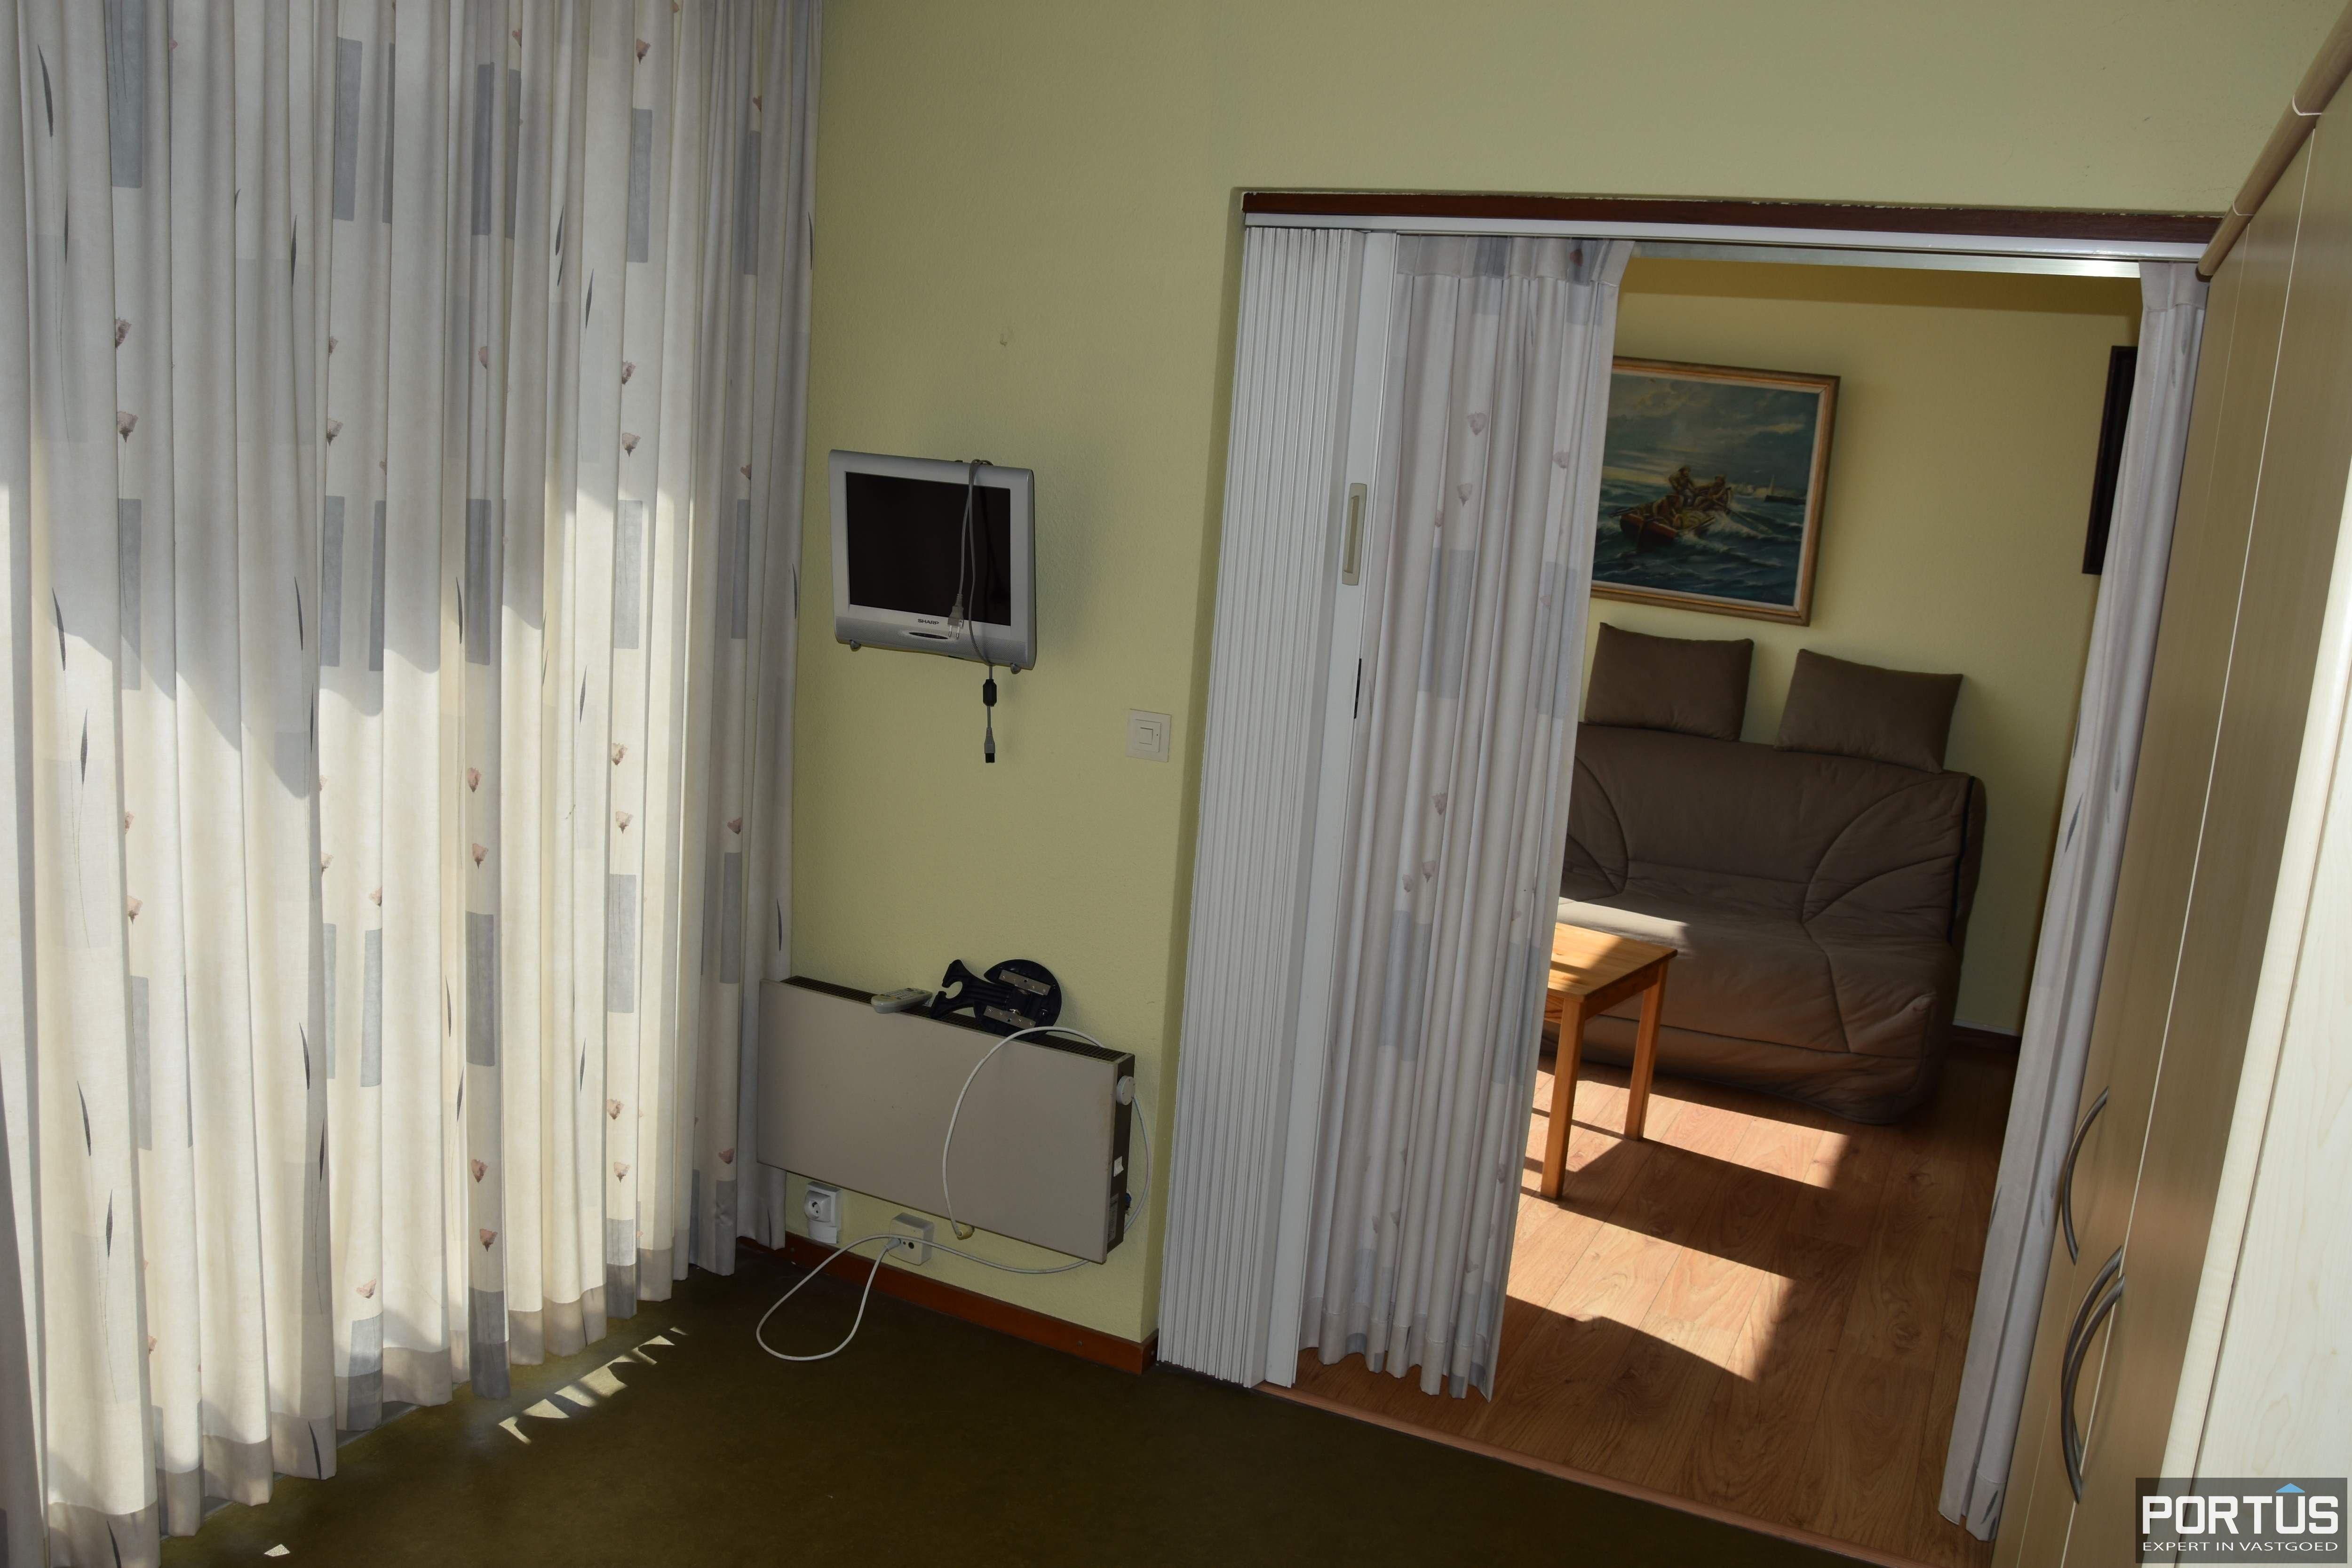 Appartement met staanplaats en berging te huur Nieuwpoort - 9712